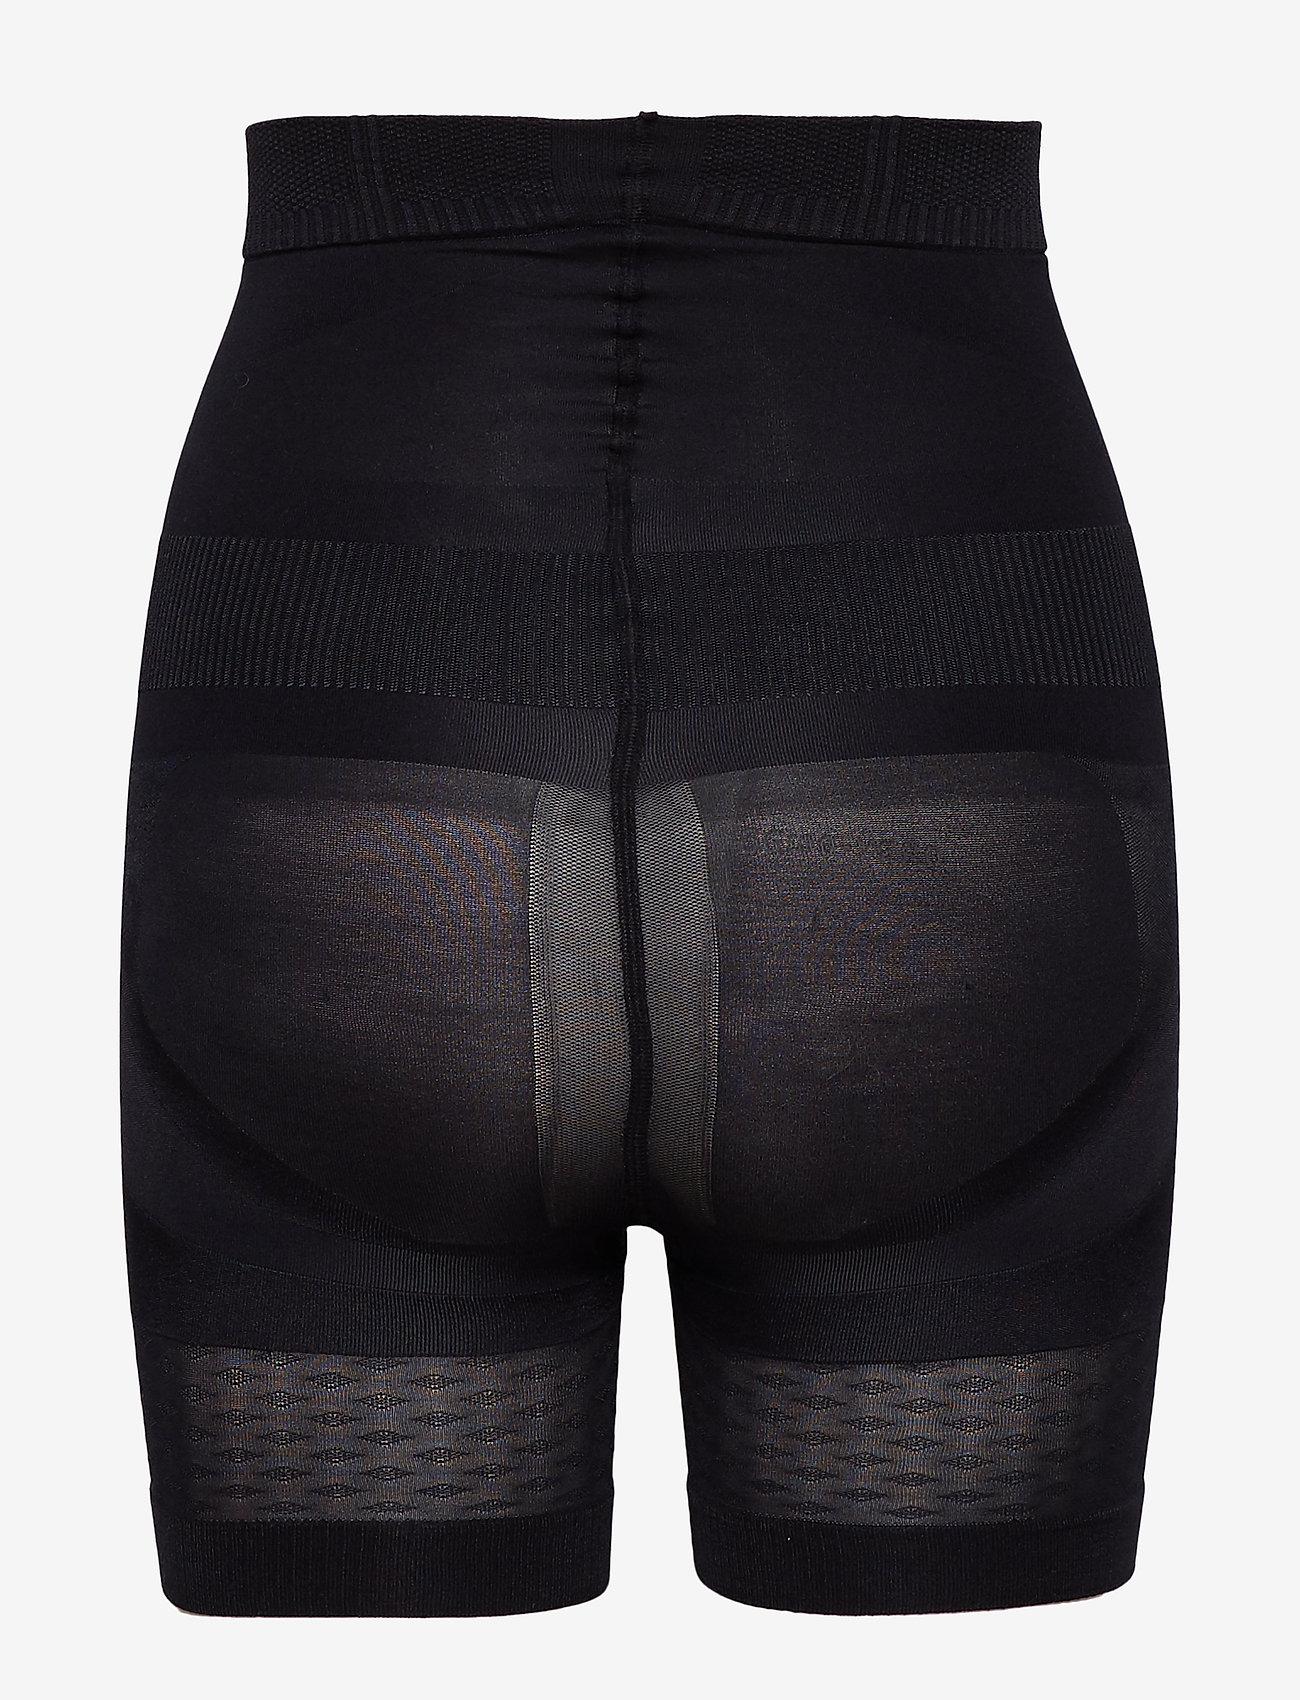 Magic Bodyfashion - Slimshaper - bottoms - black - 1